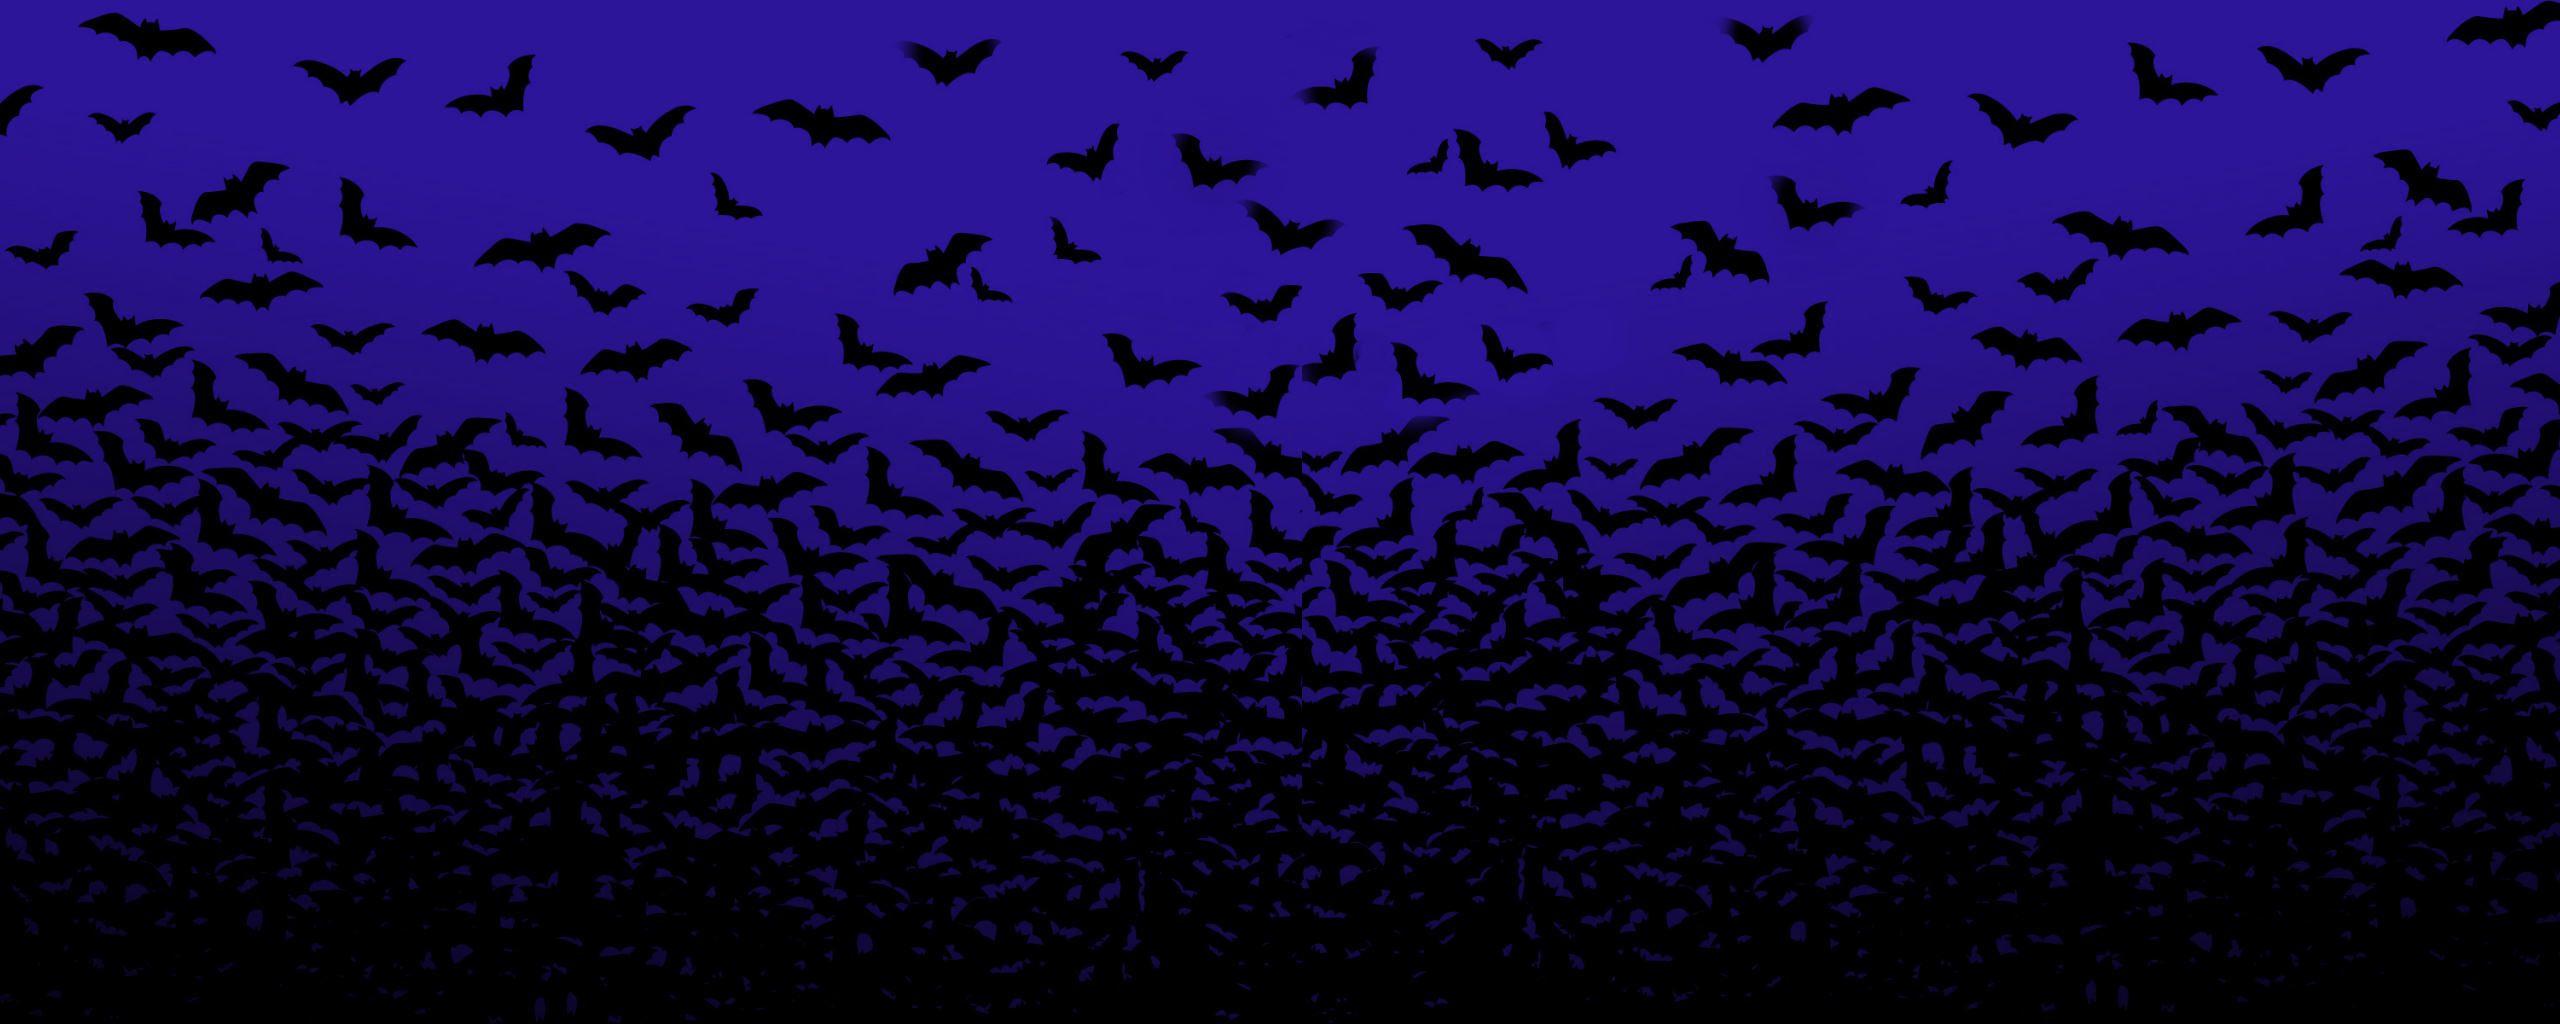 Pin By Jay Curci On T Shirt Madness Halloween Wallpaper Halloween Bats Dual Screen Wallpaper